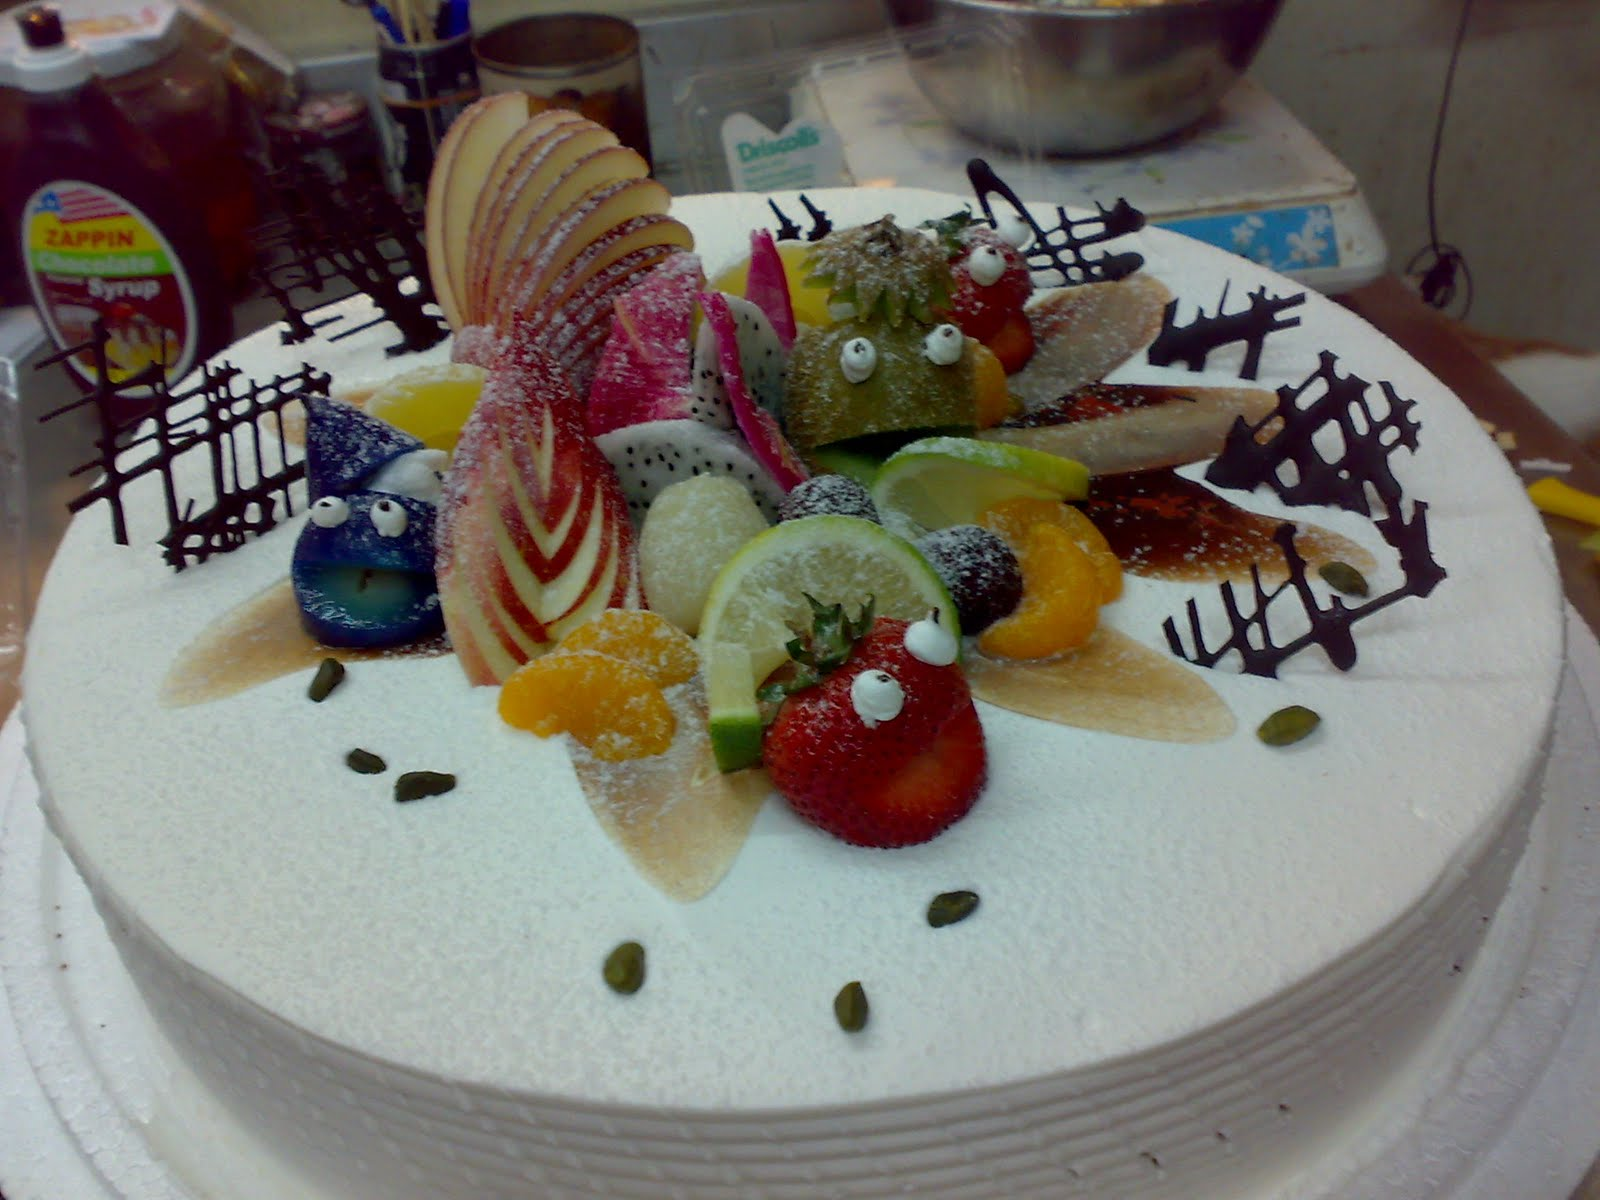 Mummy's Cake: Birthday Cake